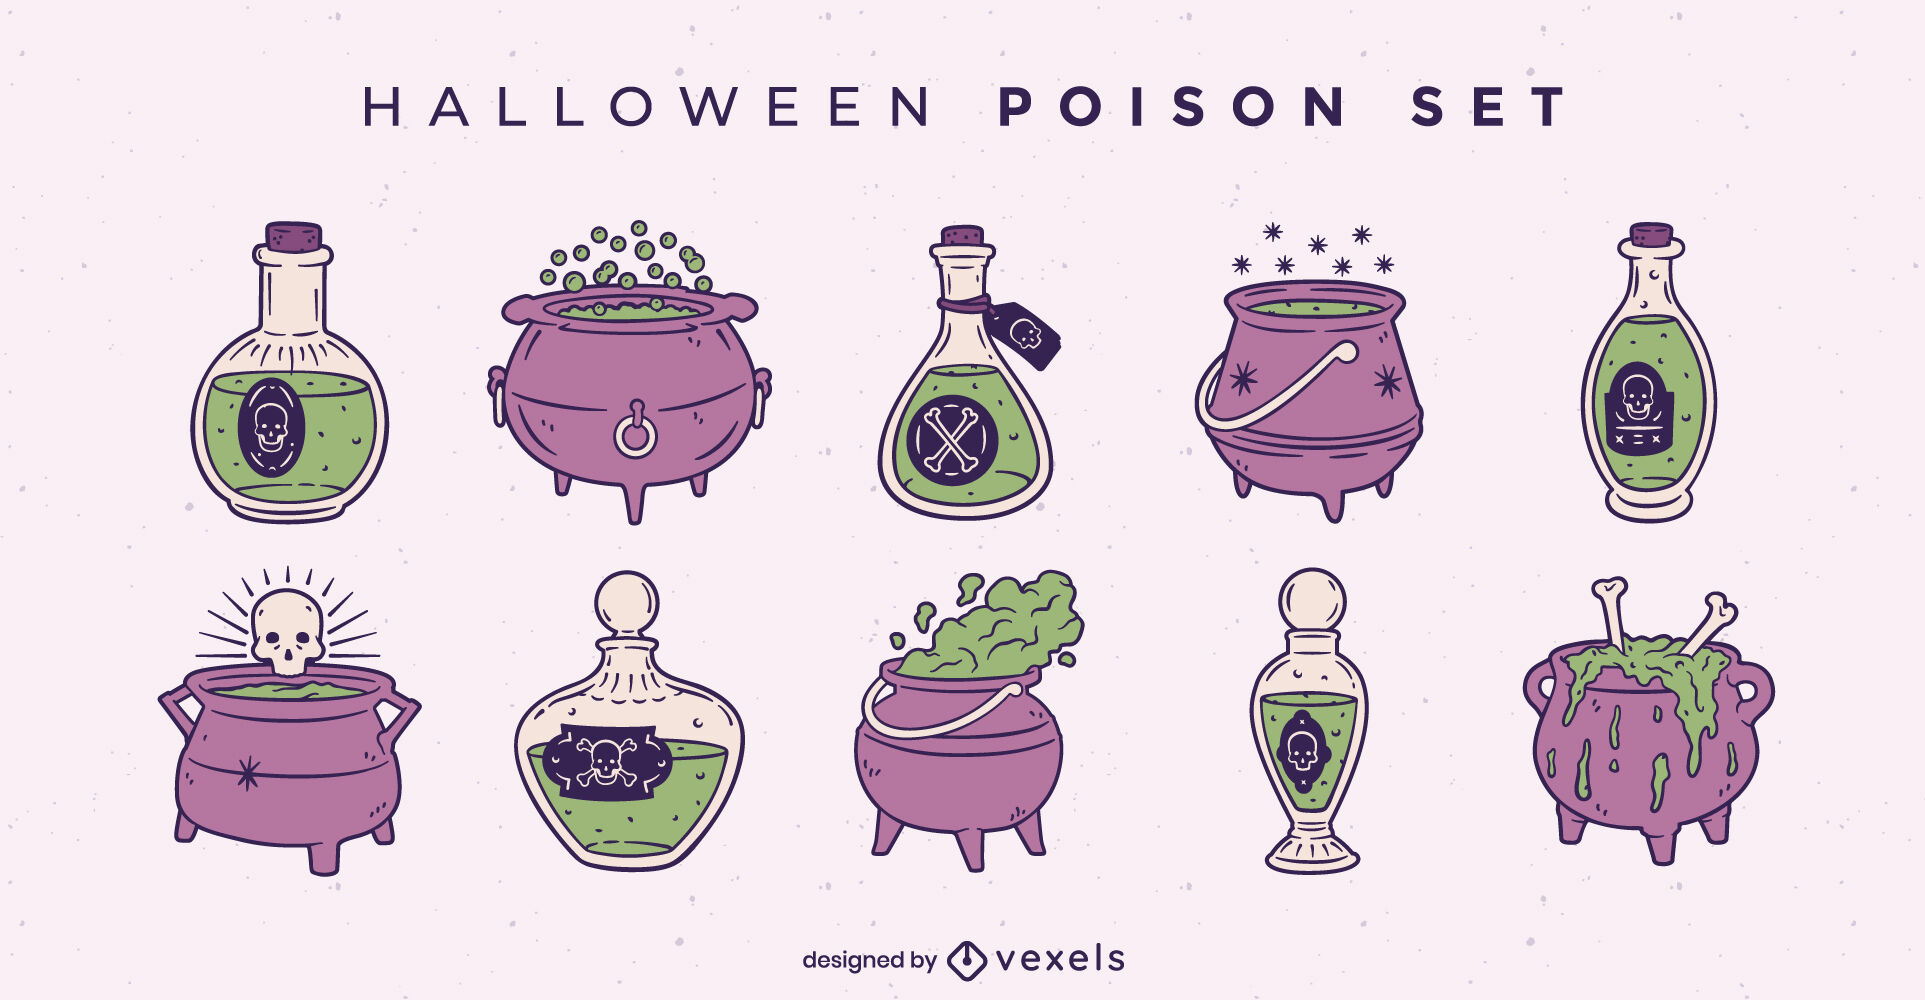 Spooky Halloween poison illustrations set